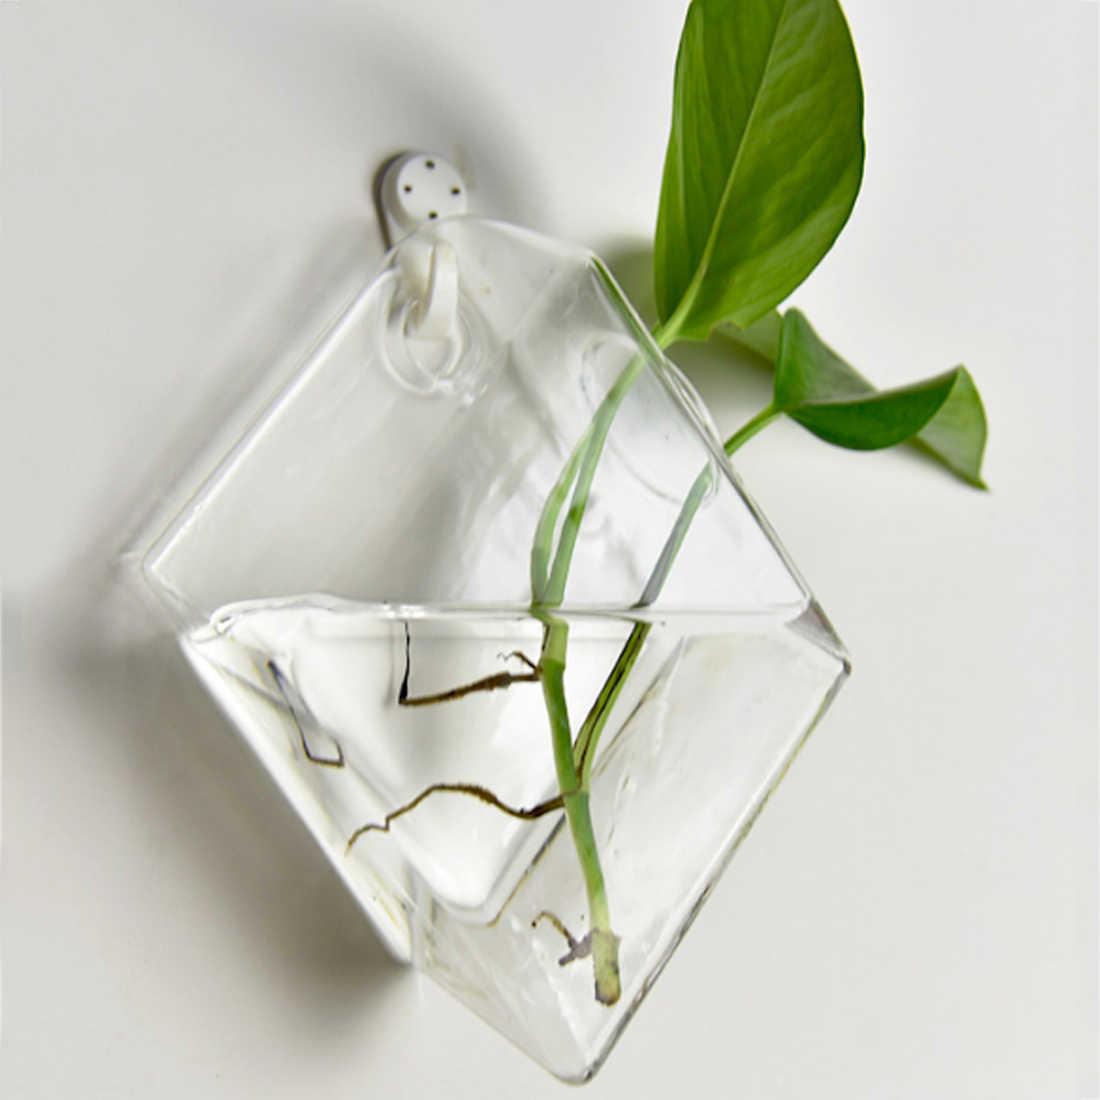 Горячие креативные Висячие Ваза Рыбная чаша настенные стеклянные контейнеры для гидропоники продукция для питомцев аквариум для Betta рыба домашний декор